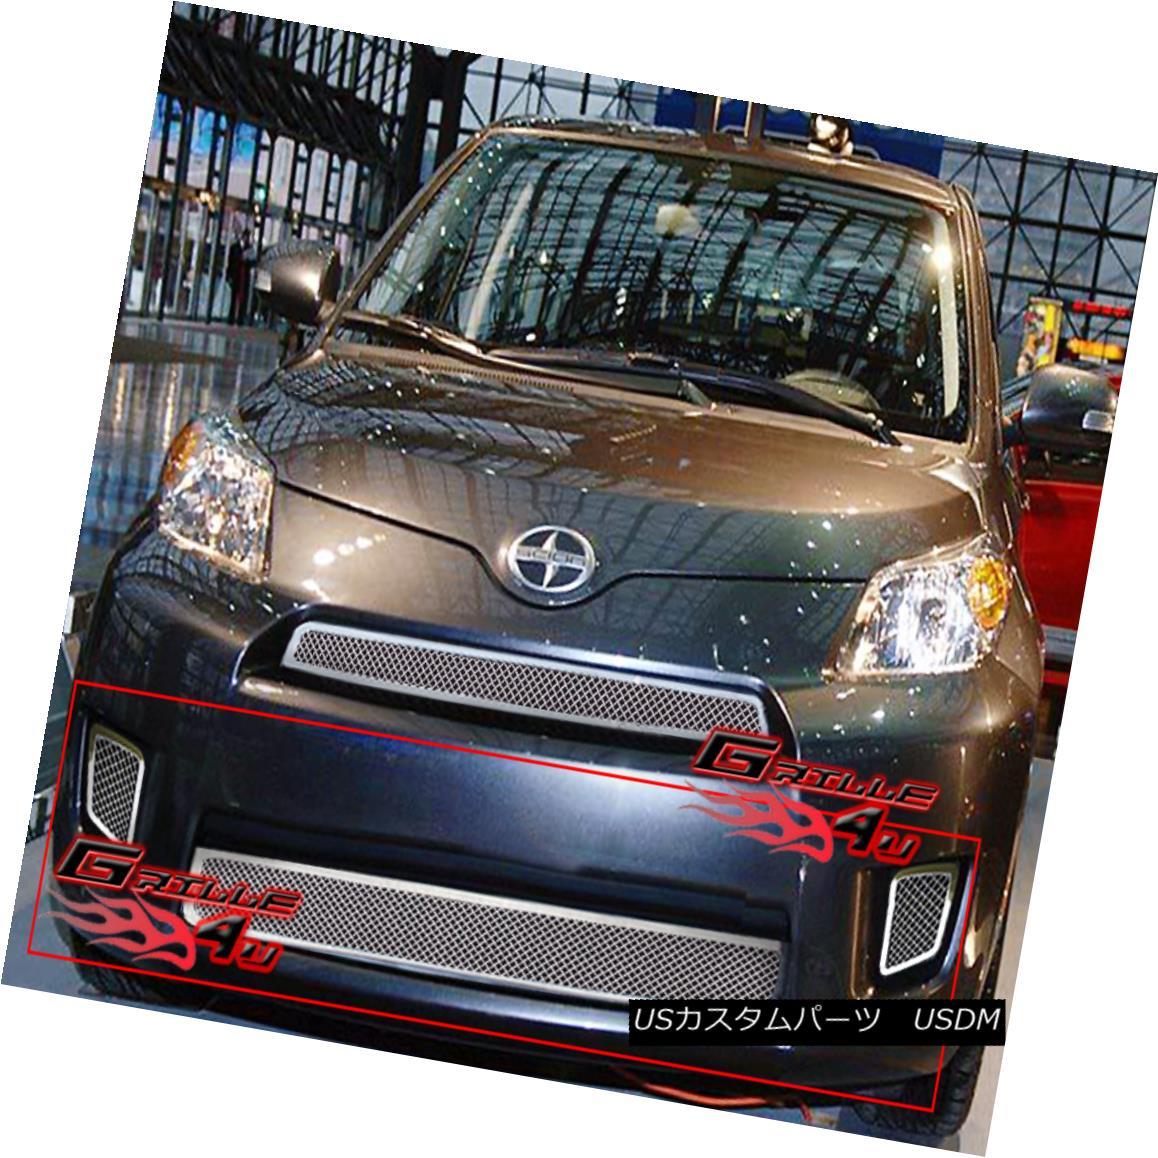 グリル Fits 2007-2011 Scion XD Bumper Stainless Mesh Grille Insert 2007-2011 Scion XDバンパーステンレスメッシュグリルインサート